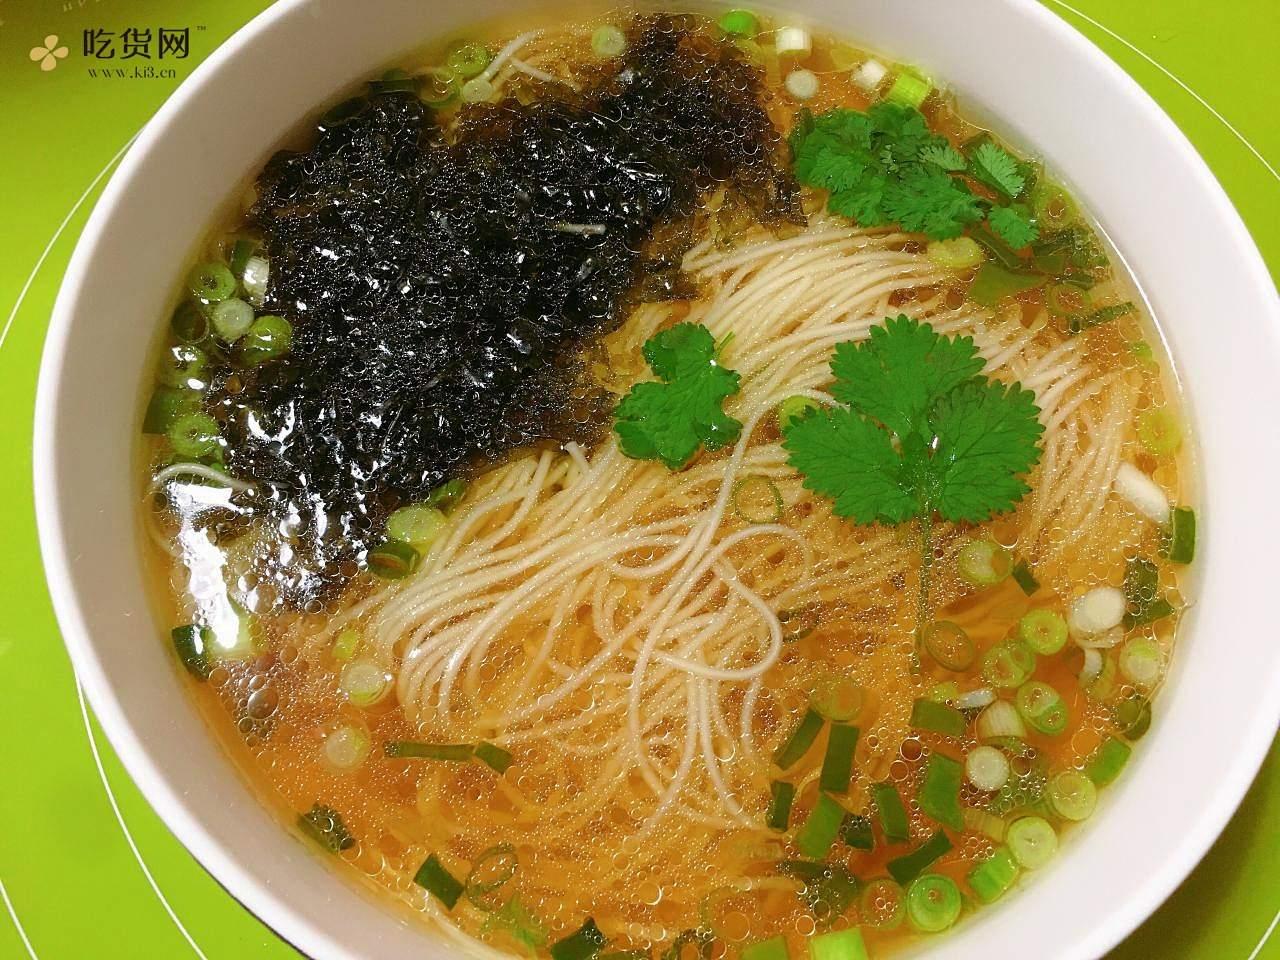 十分钟搞定的热汤面的做法 步骤6